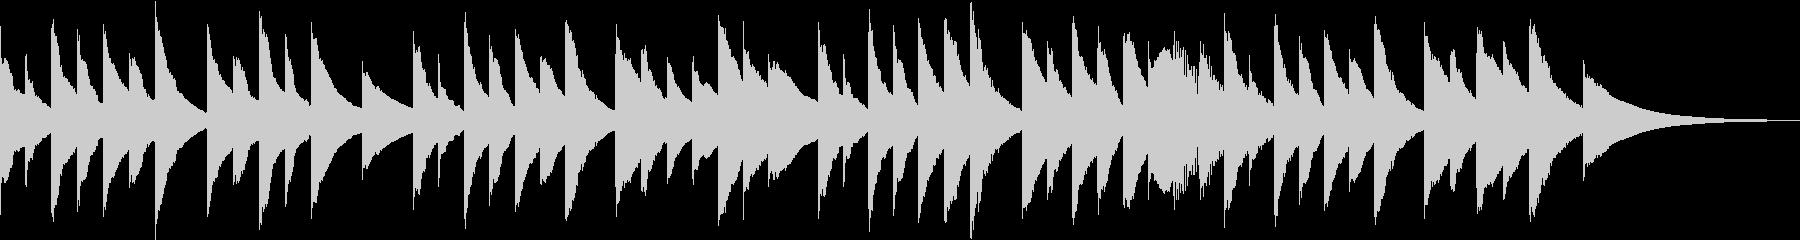 ヒーリング オルゴール 癒し の未再生の波形